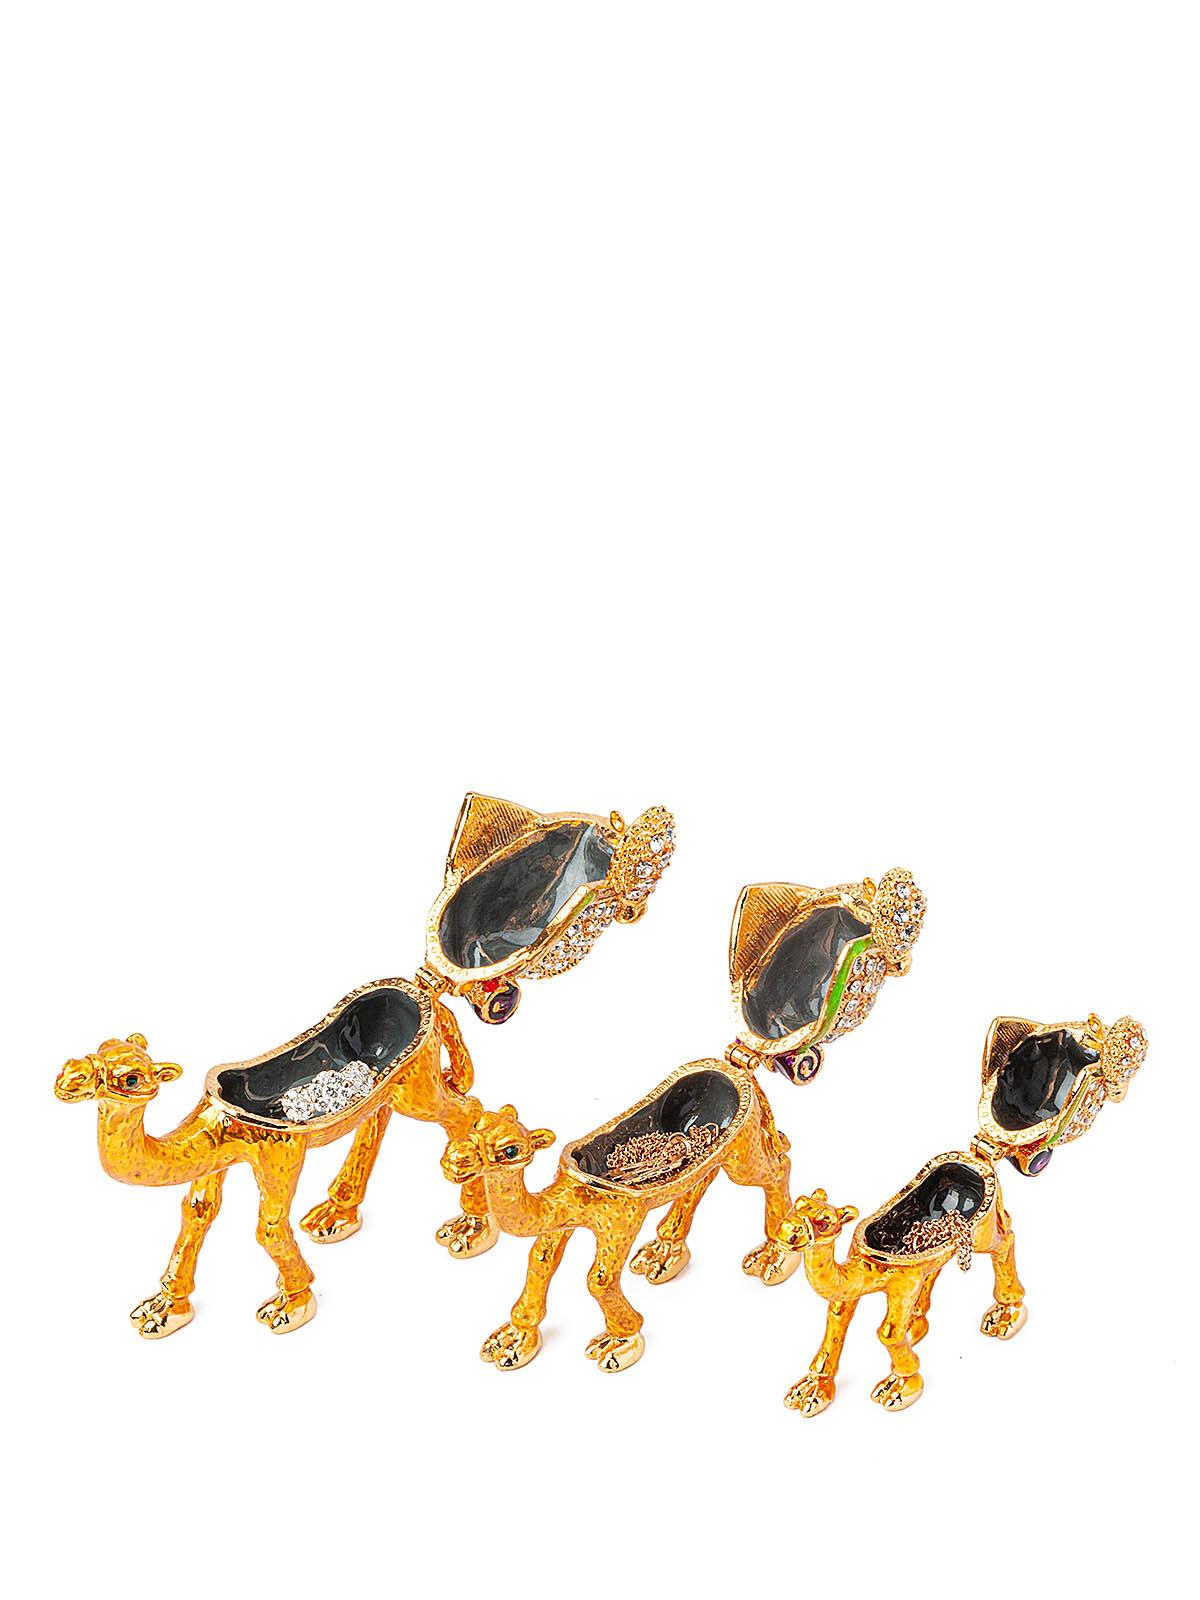 Шкатулка для украшений Верблюд S-4873 золотистый